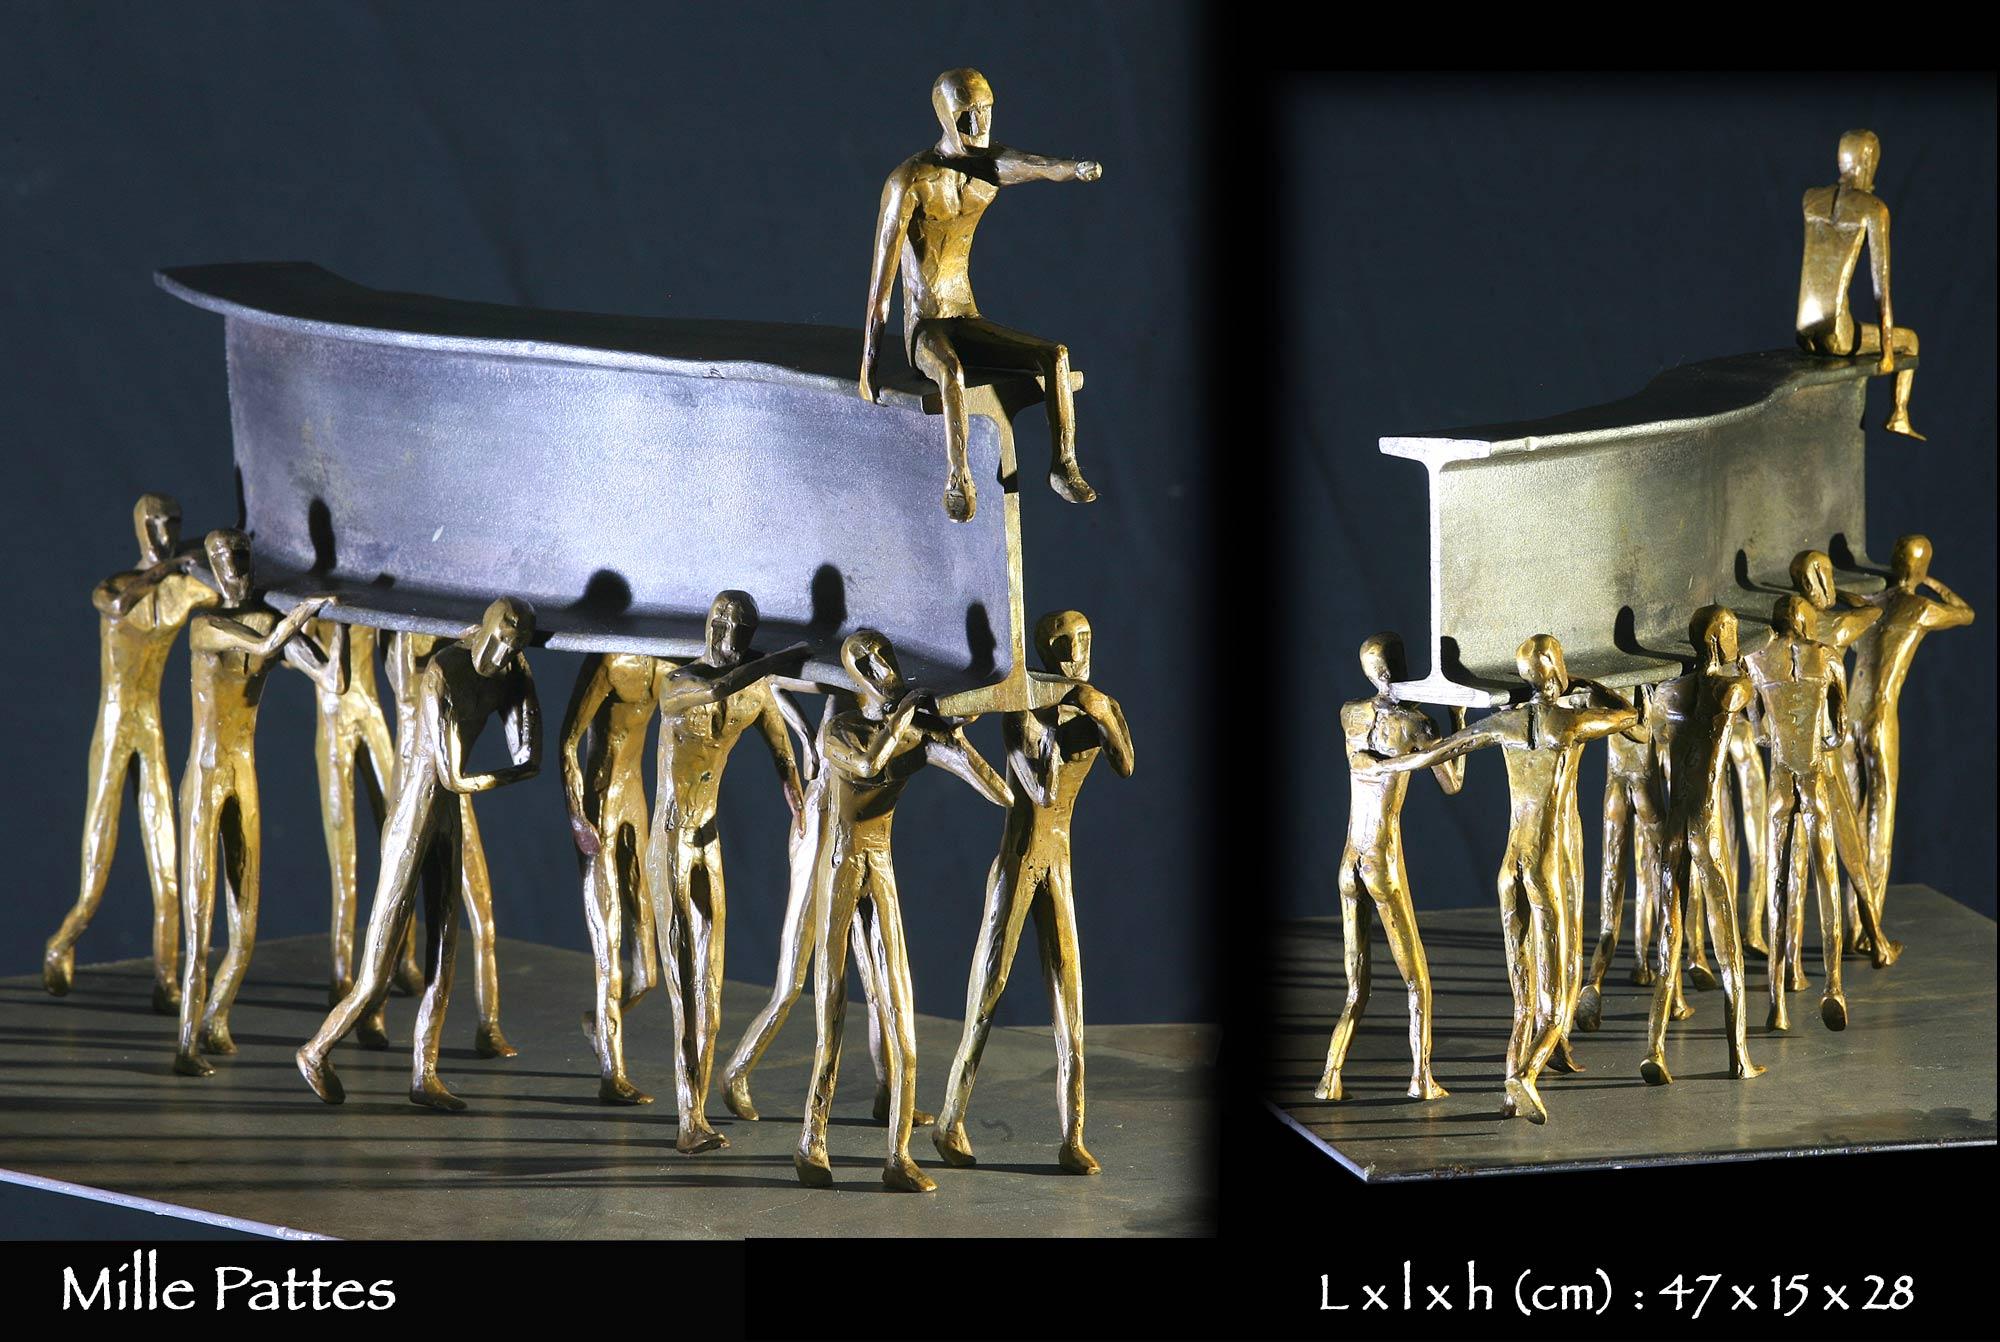 Mille pattes en bronze composé de personnages soutenant un IPN